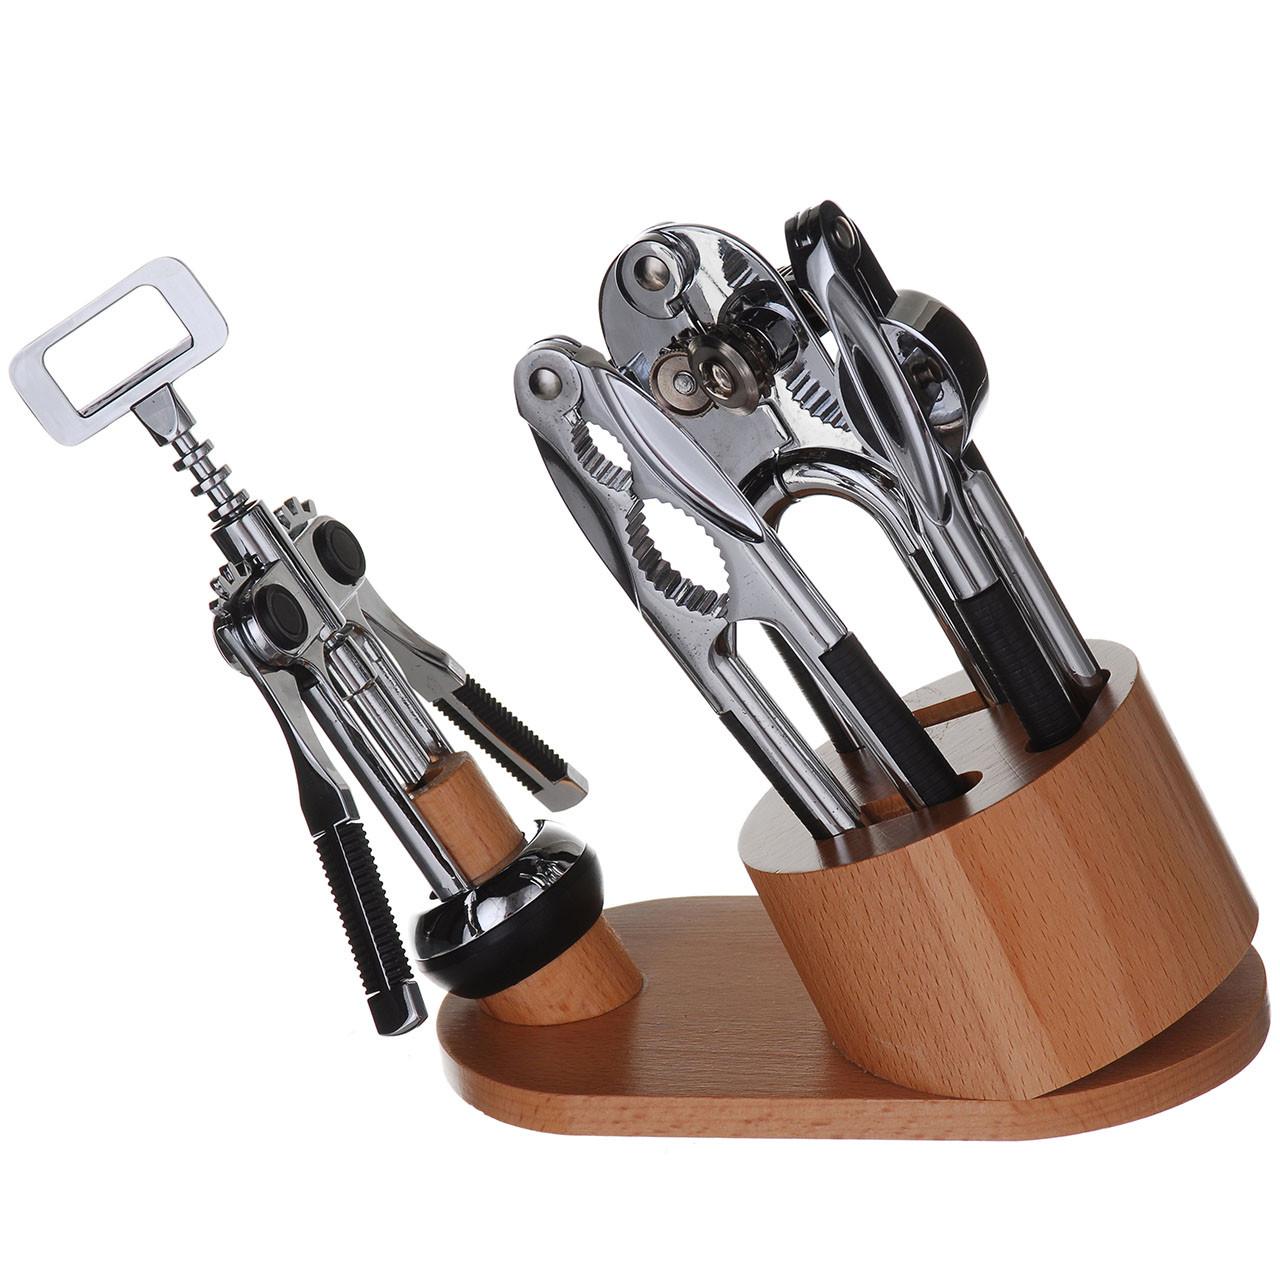 Набор для сервировки A-PLUS 5 предметов кухонных принадлежностей (набір для сервірування)